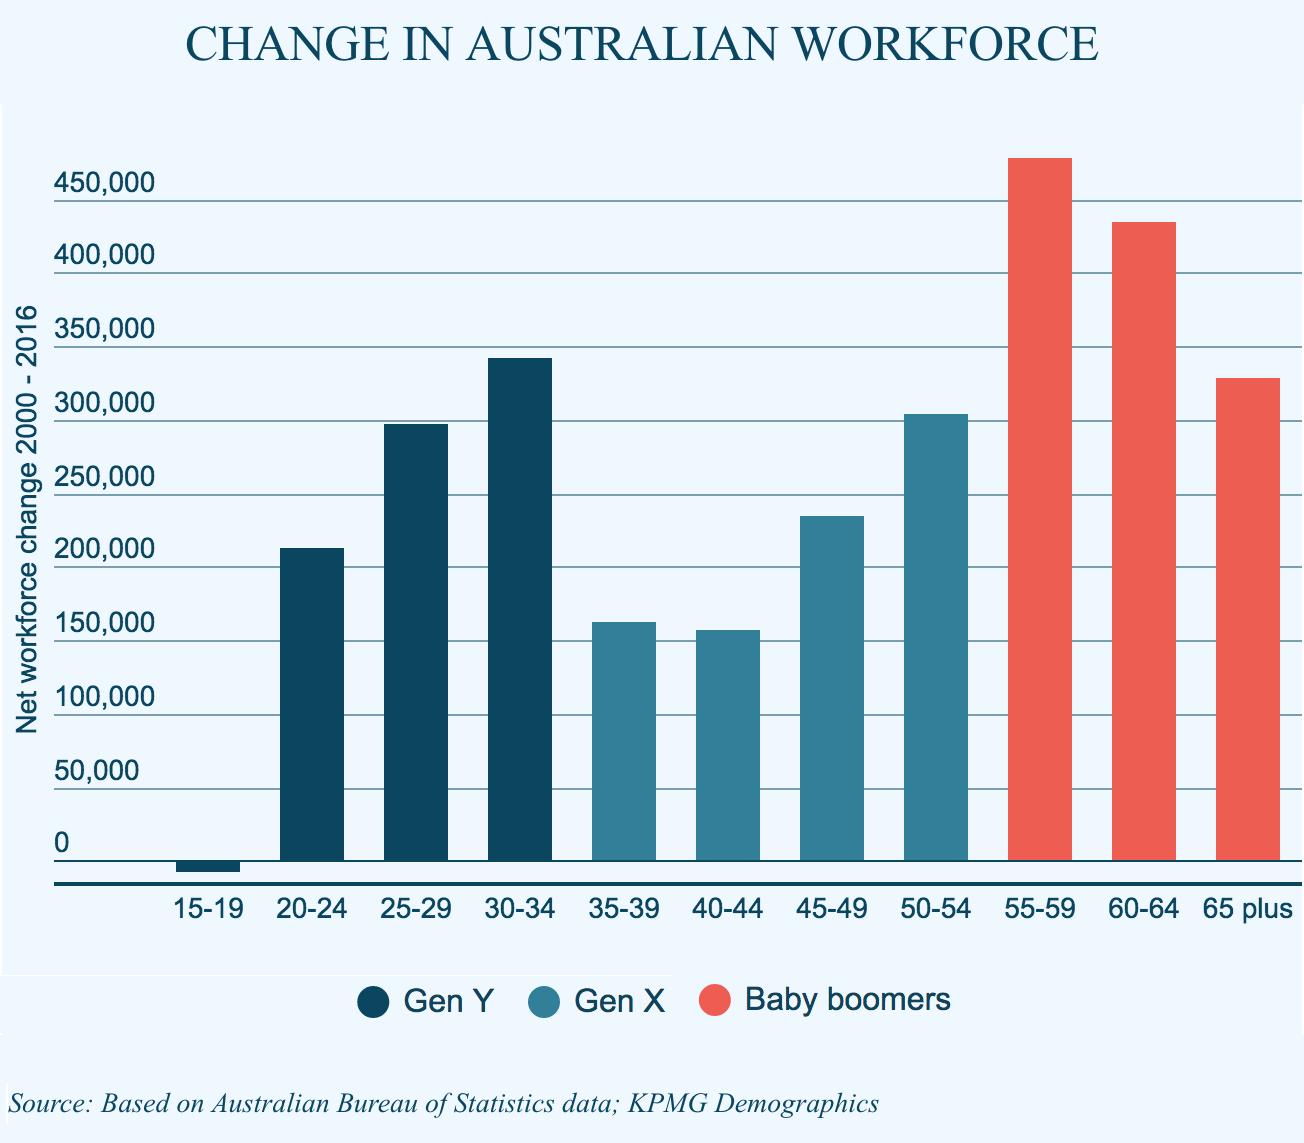 Change in Australia's workforce | Gen Y, Gen X, Baby boomers | 2000 - 2016